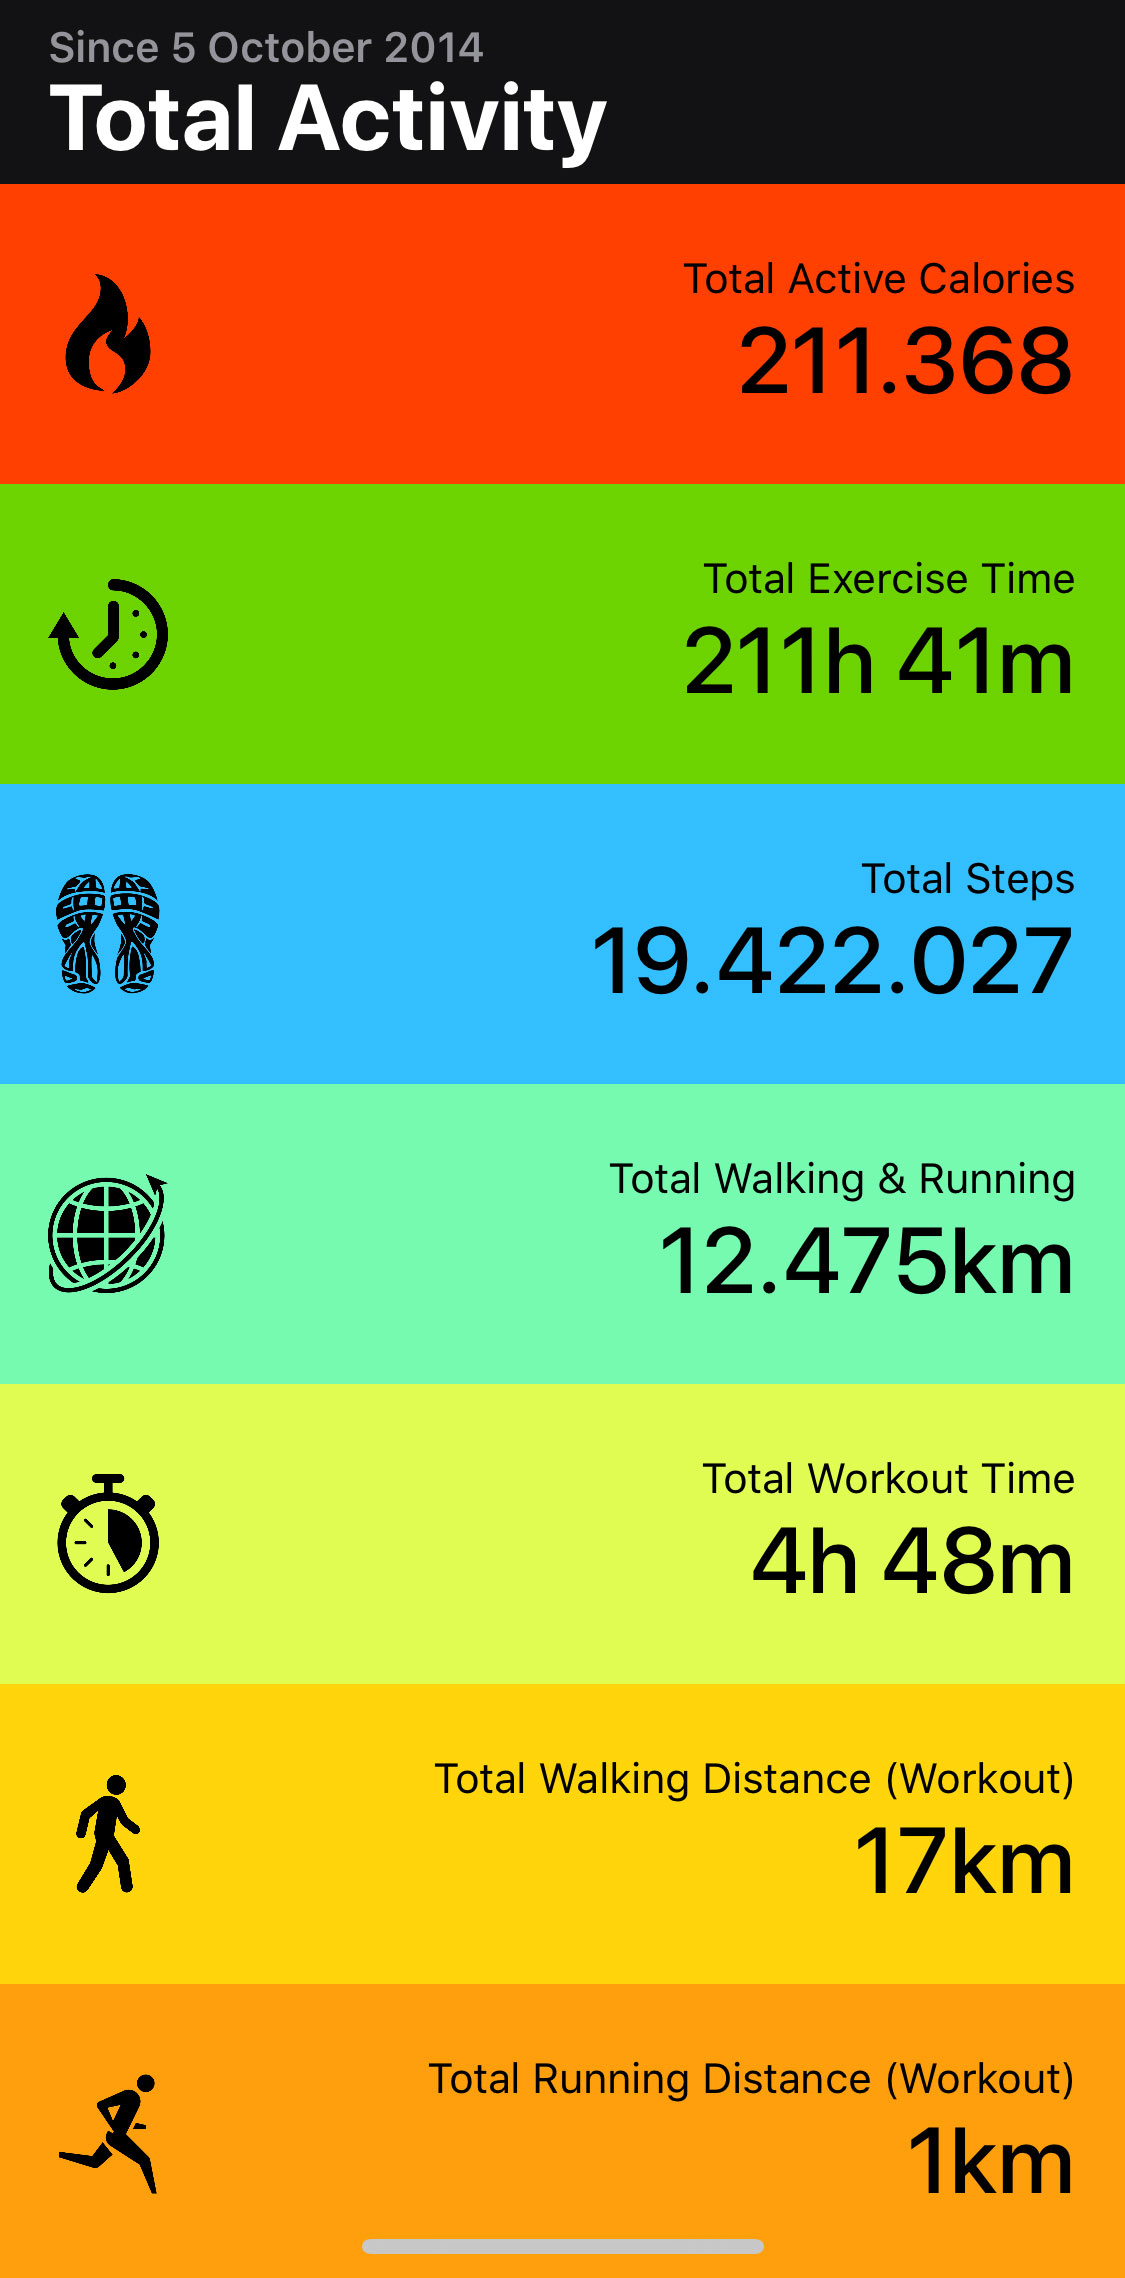 Toda la actividad física registrada en el iPhone o Apple Watch desde el primer día